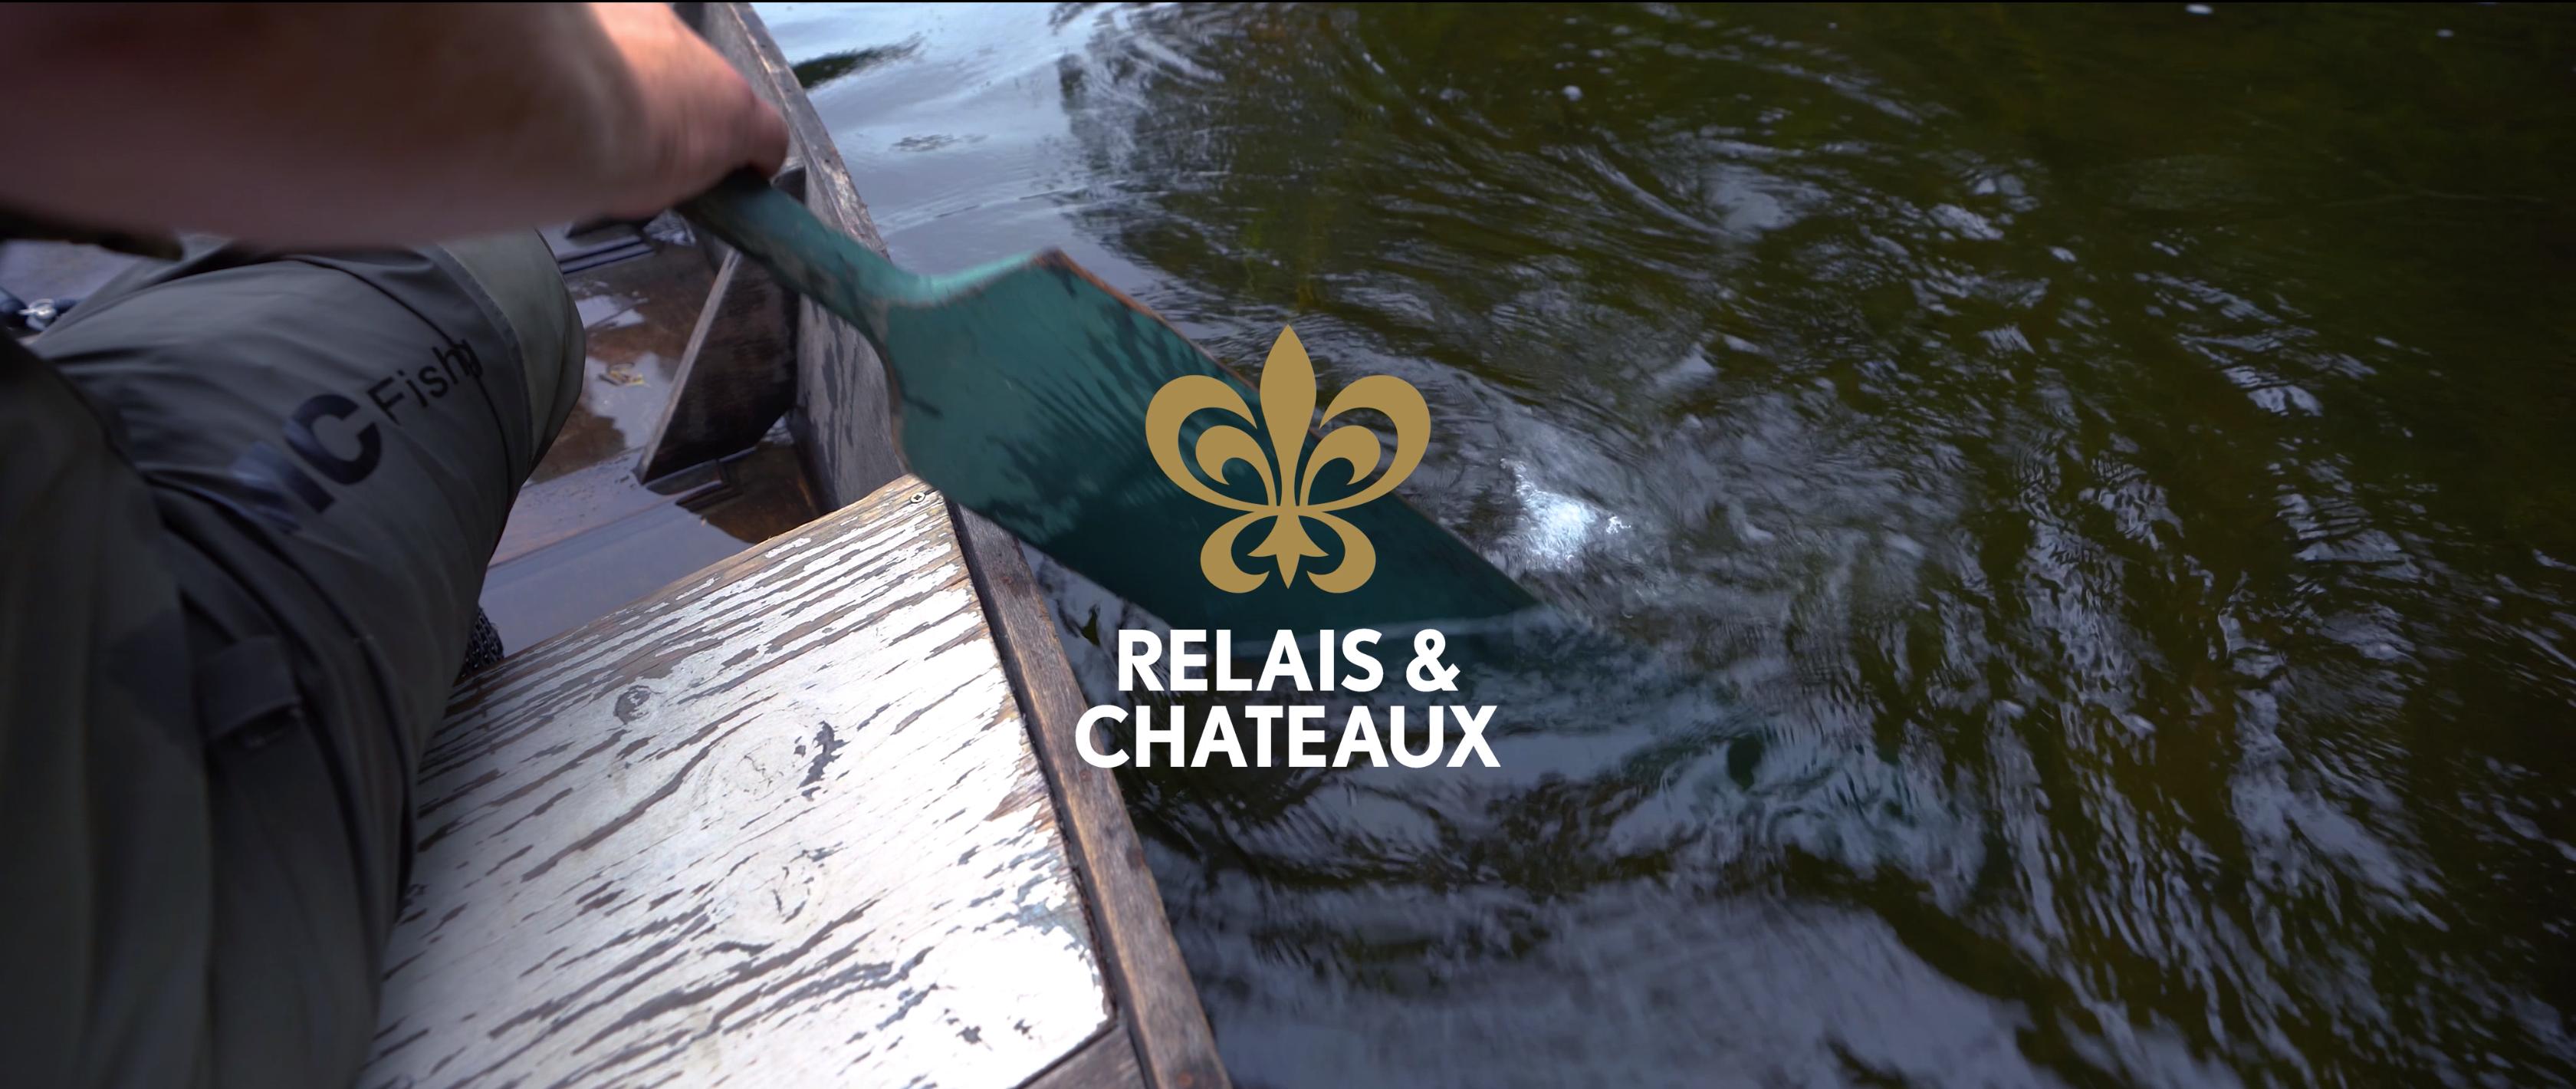 Relais & Chateaux - Chateaux de la Treyne - AERIAL studio